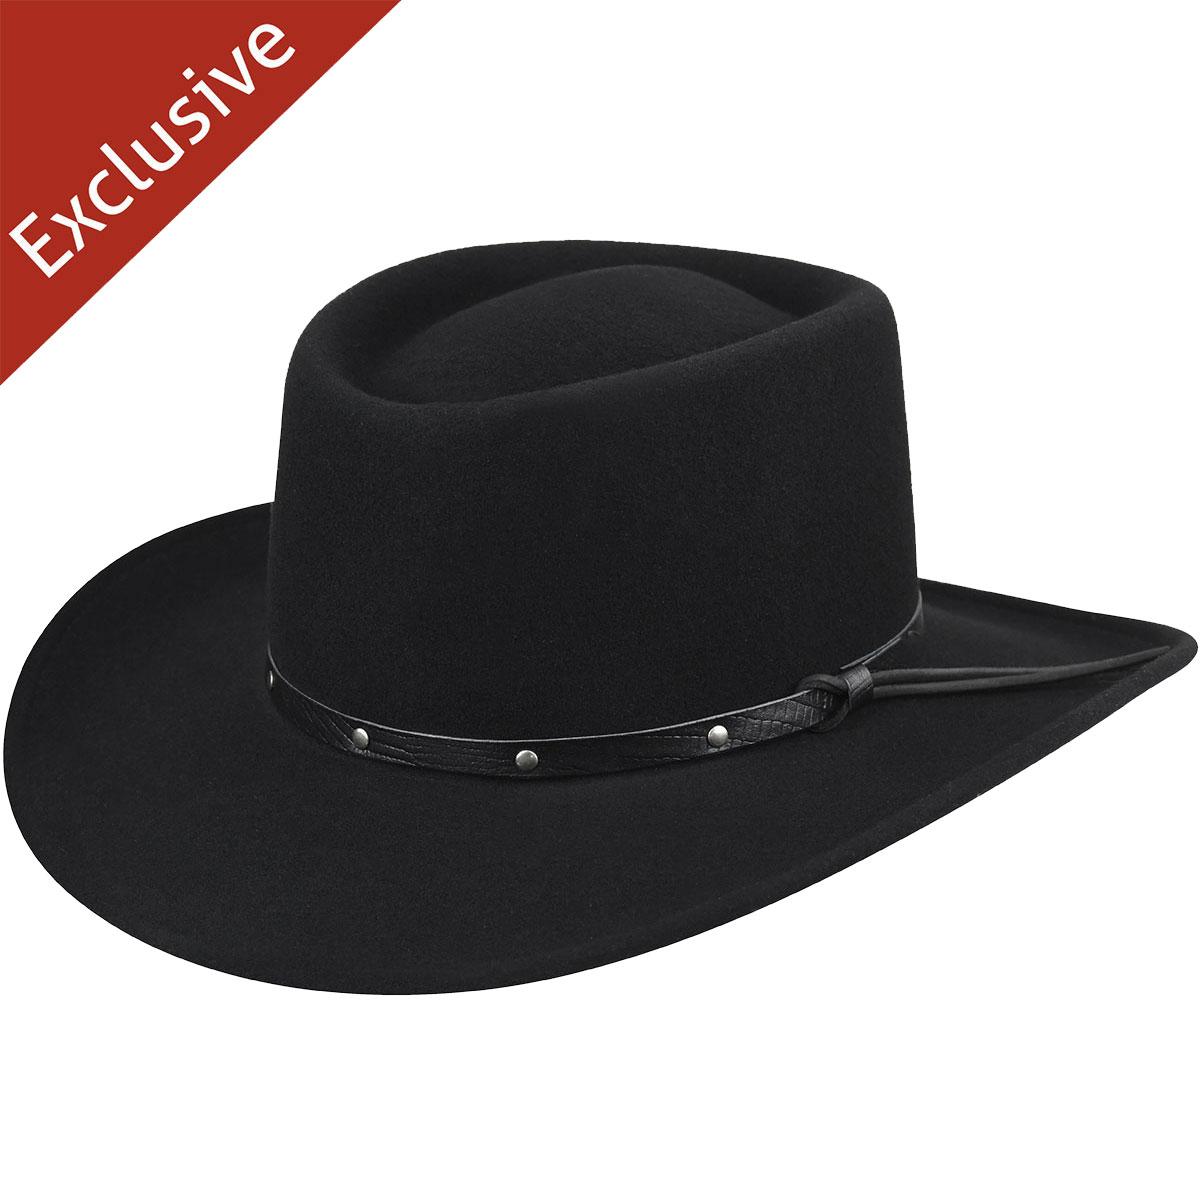 Steampunk Hats for Men | Top Hat, Bowler, Masks Ace of Spades Gambler Hat - Exclusive - BlackXL $39.99 AT vintagedancer.com